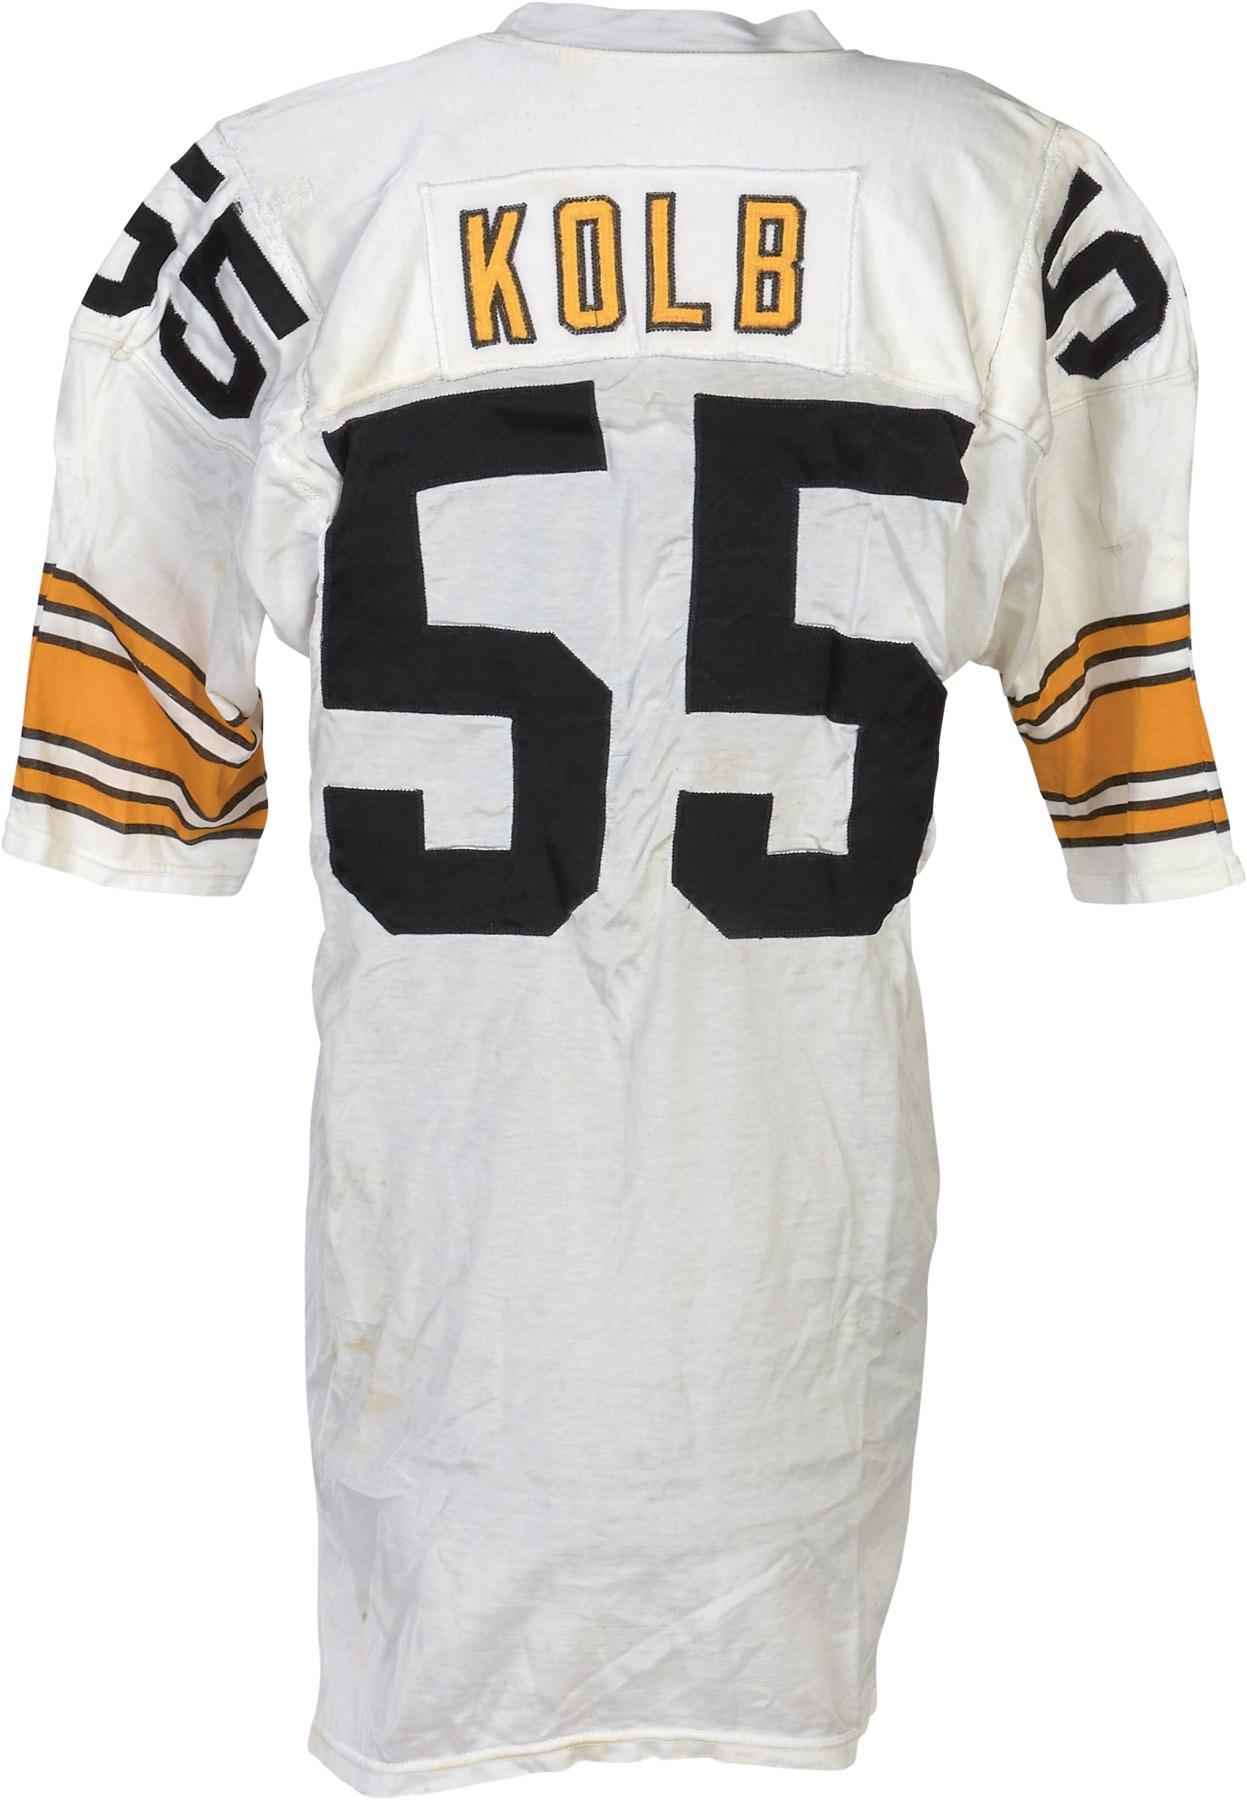 052f44fba2f 1977 Jon Kolb Pittsburgh Steelers Game Worn Jersey